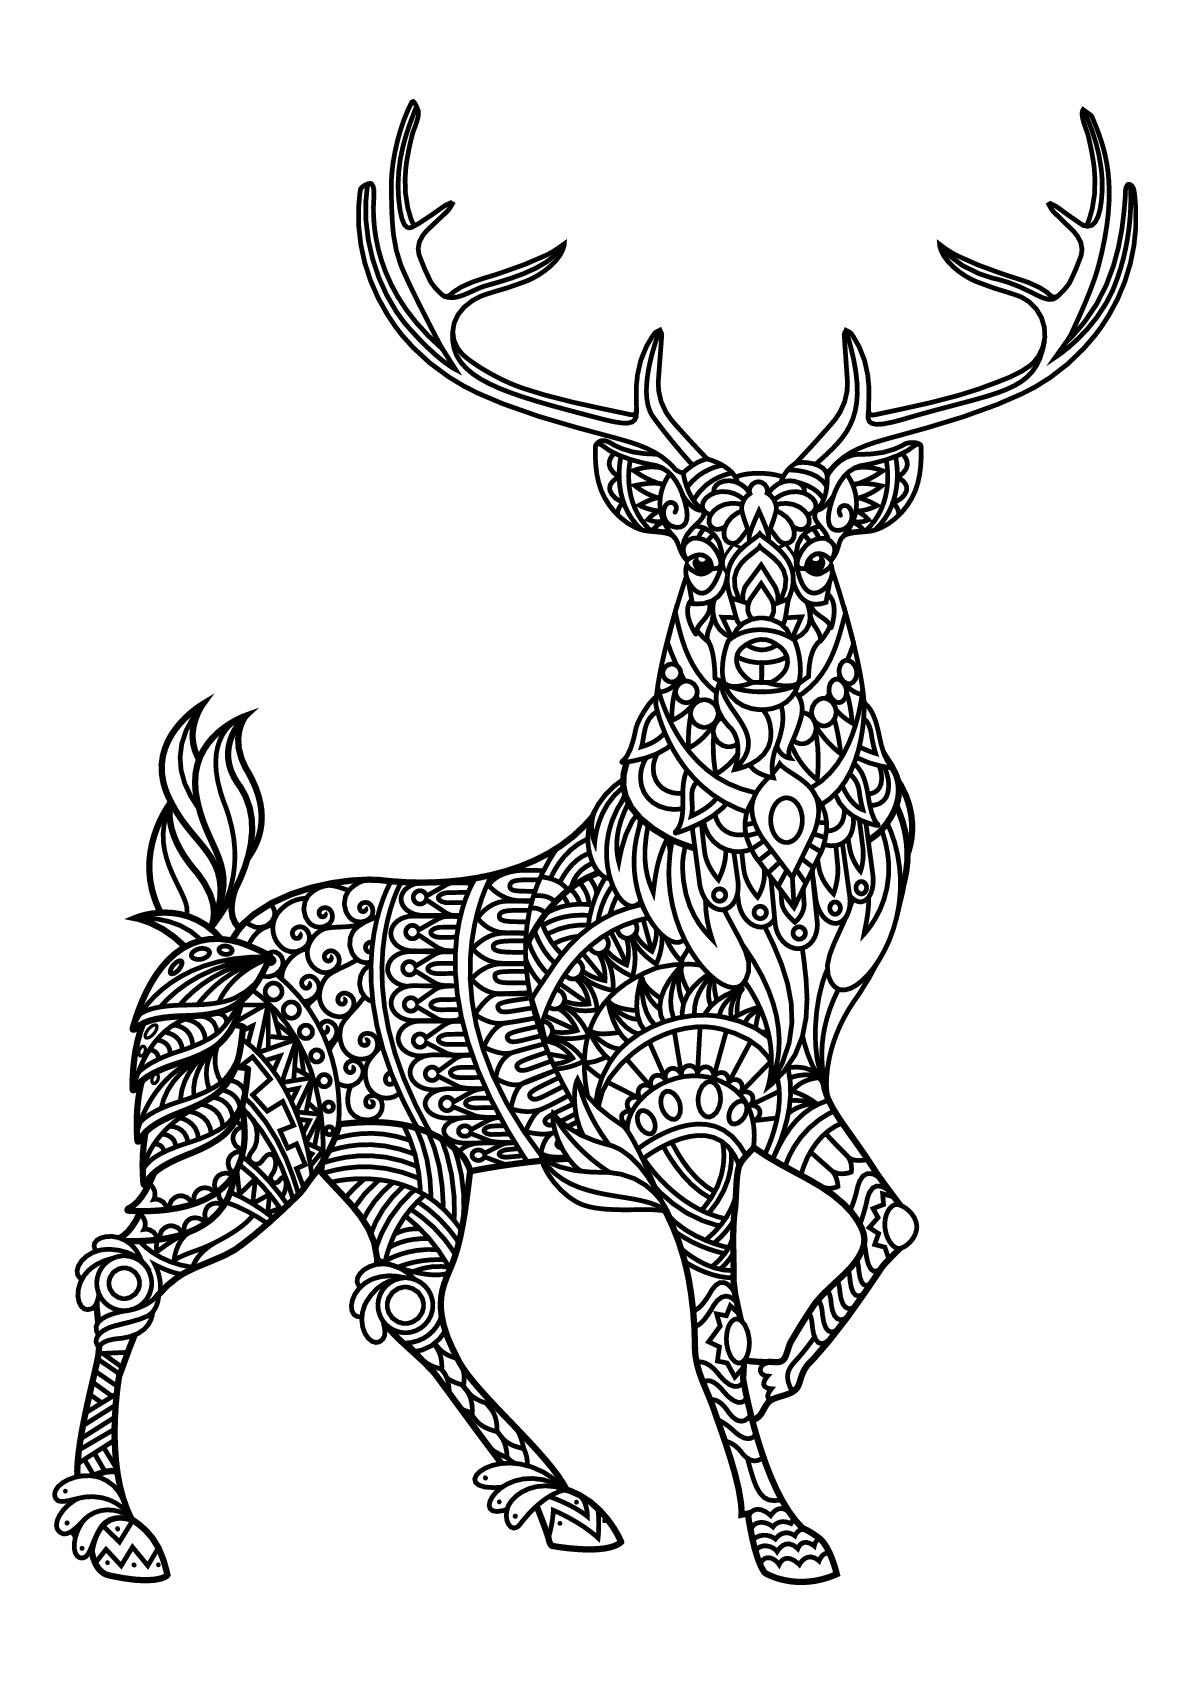 Livre gratuit cerf cerfs coloriages difficiles pour adultes - Dessin tete de cerf ...